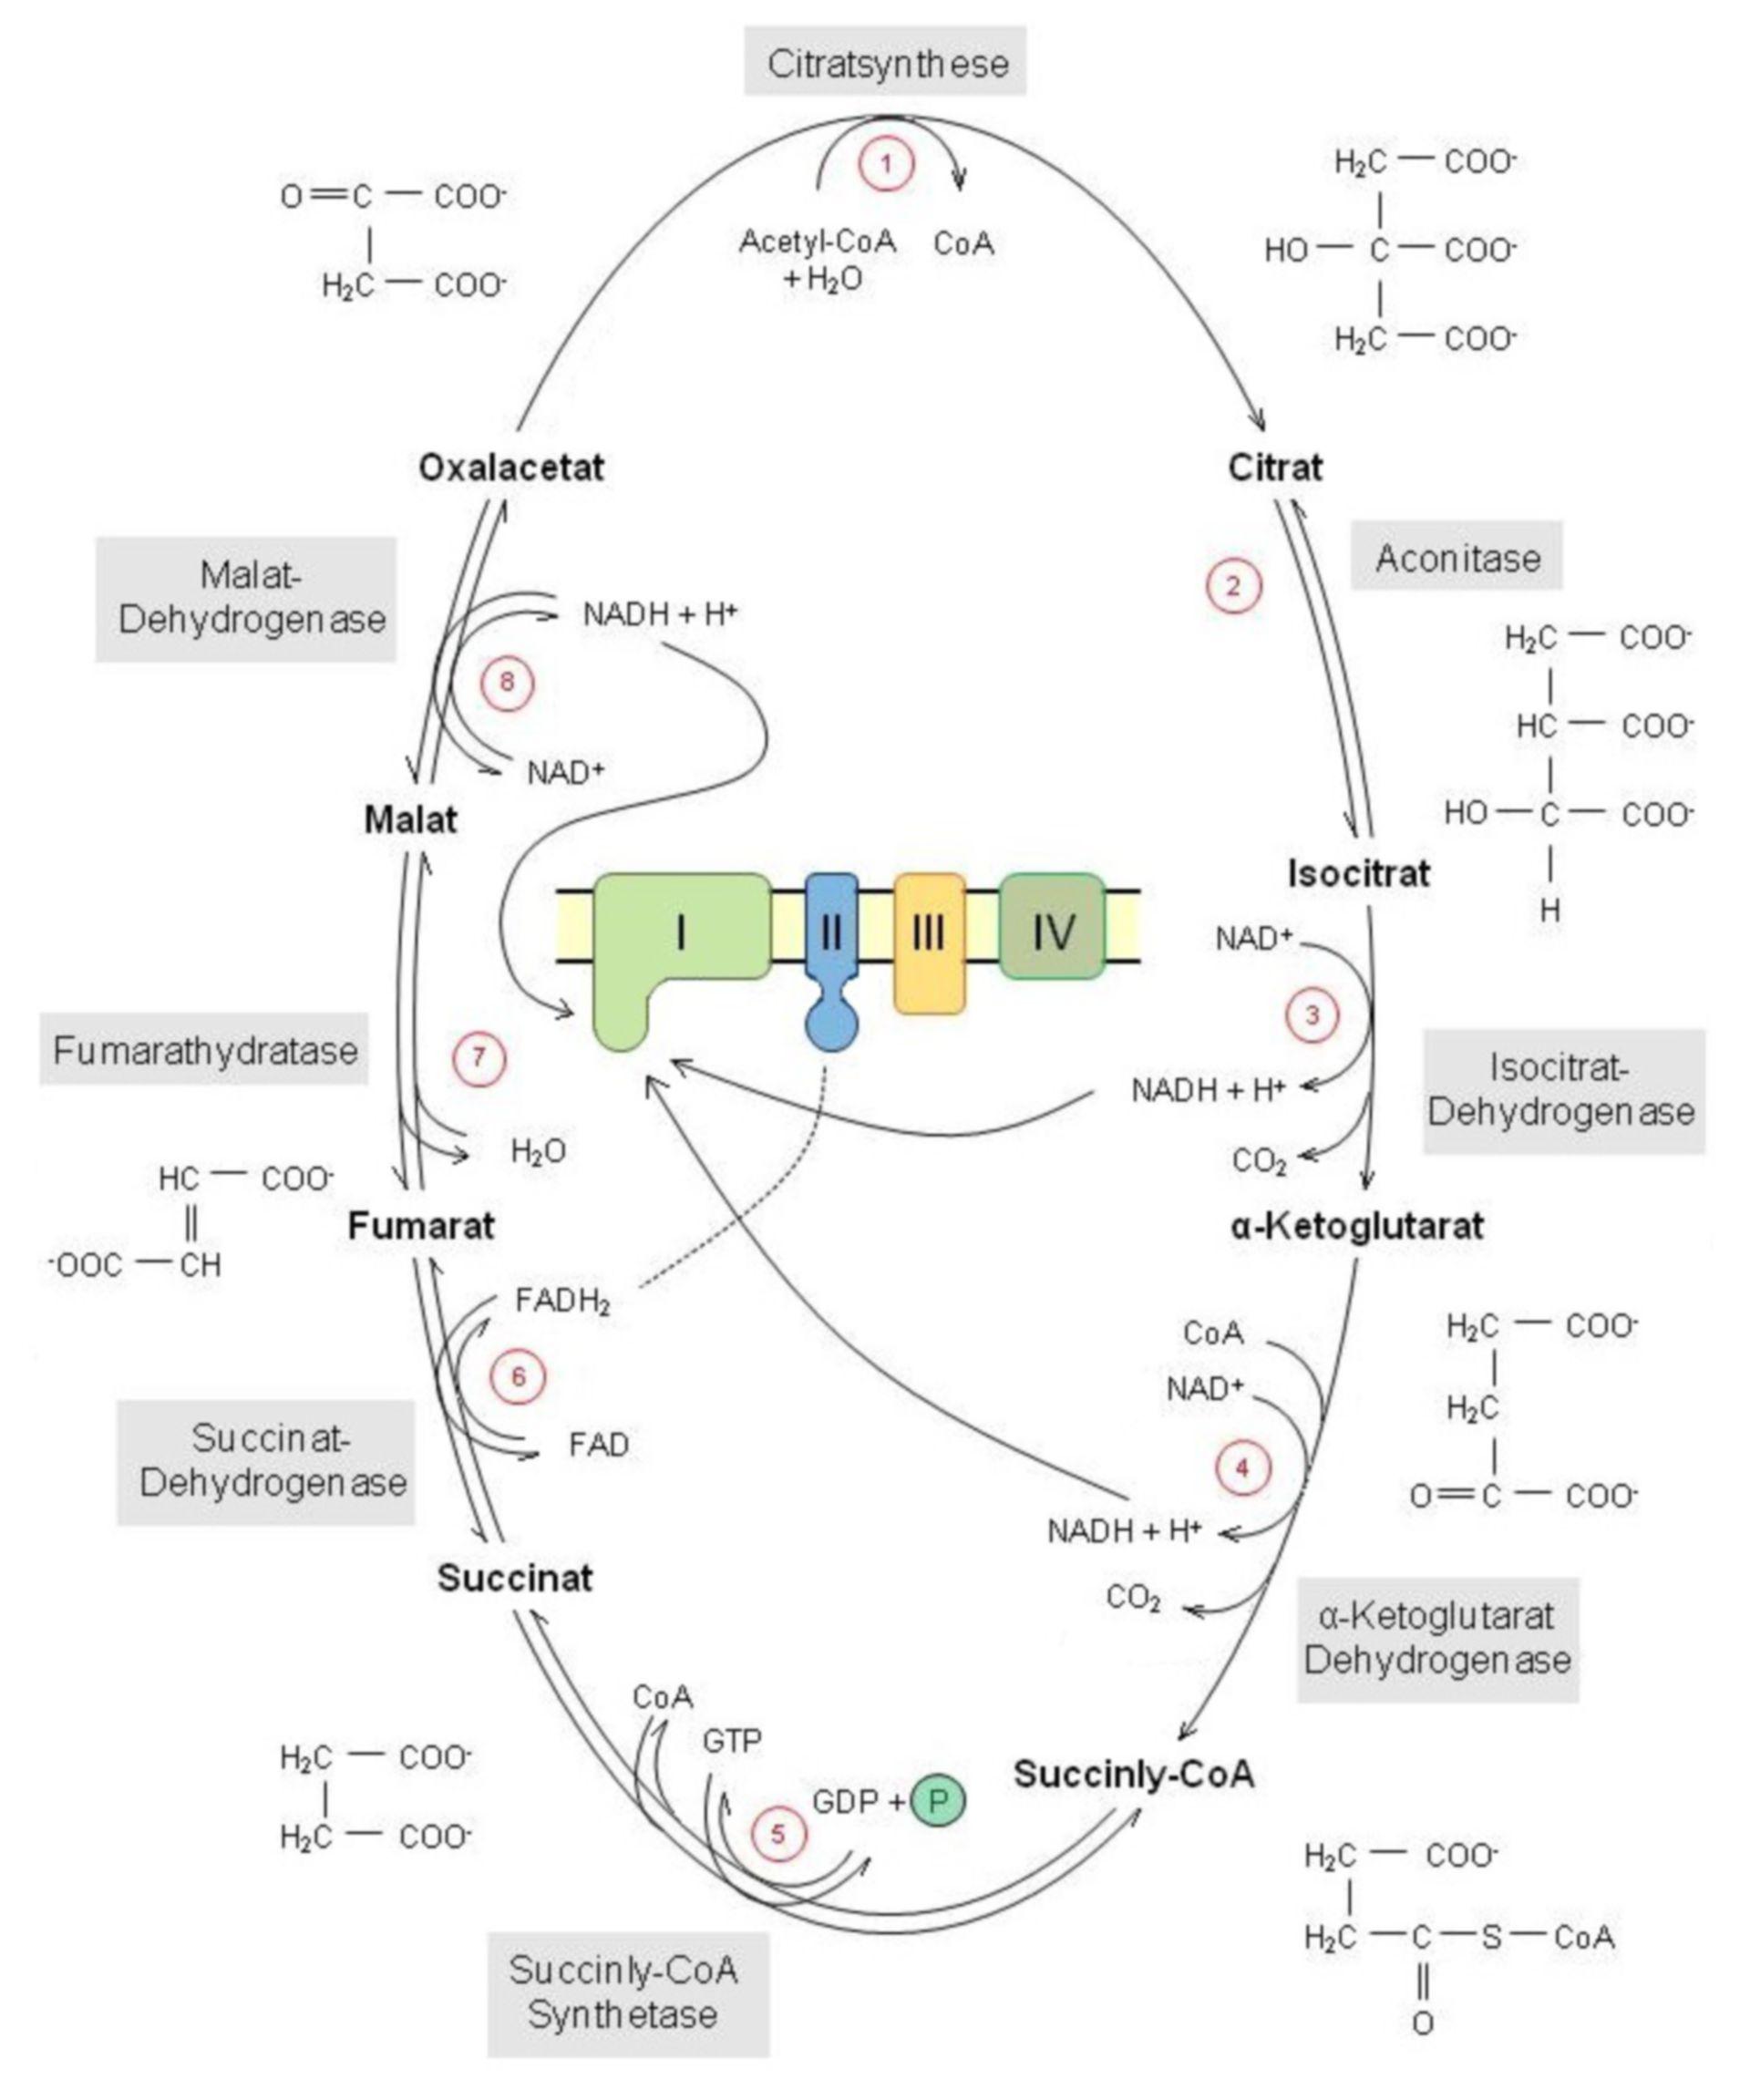 Ciclo del ácido cítrico